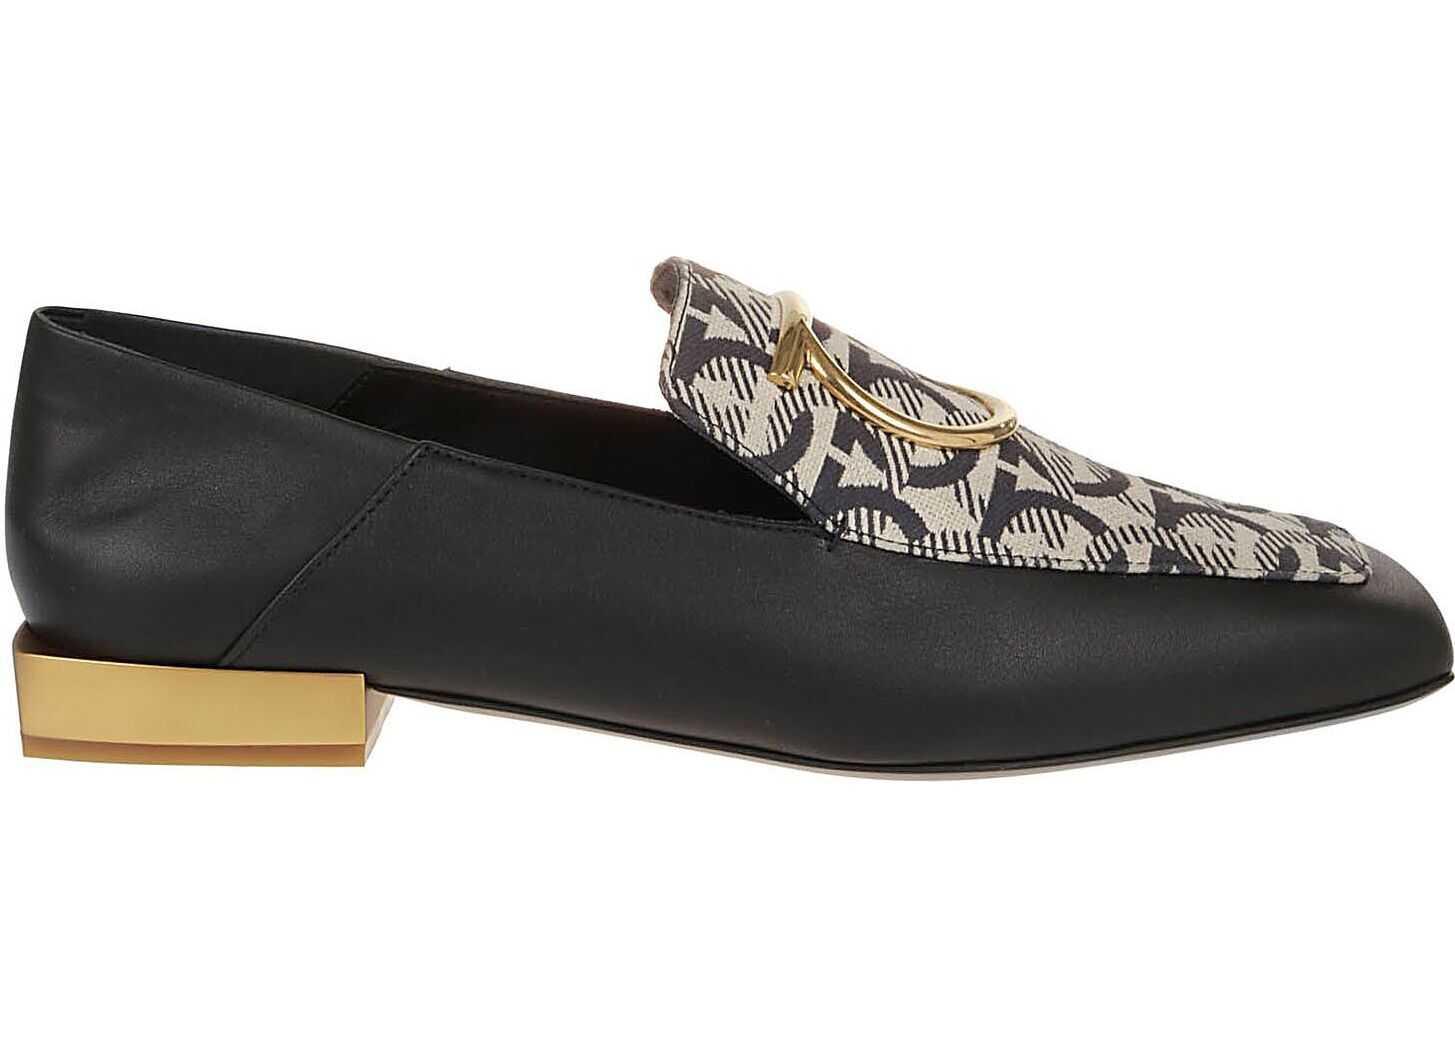 Salvatore Ferragamo Leather Loafers BLACK